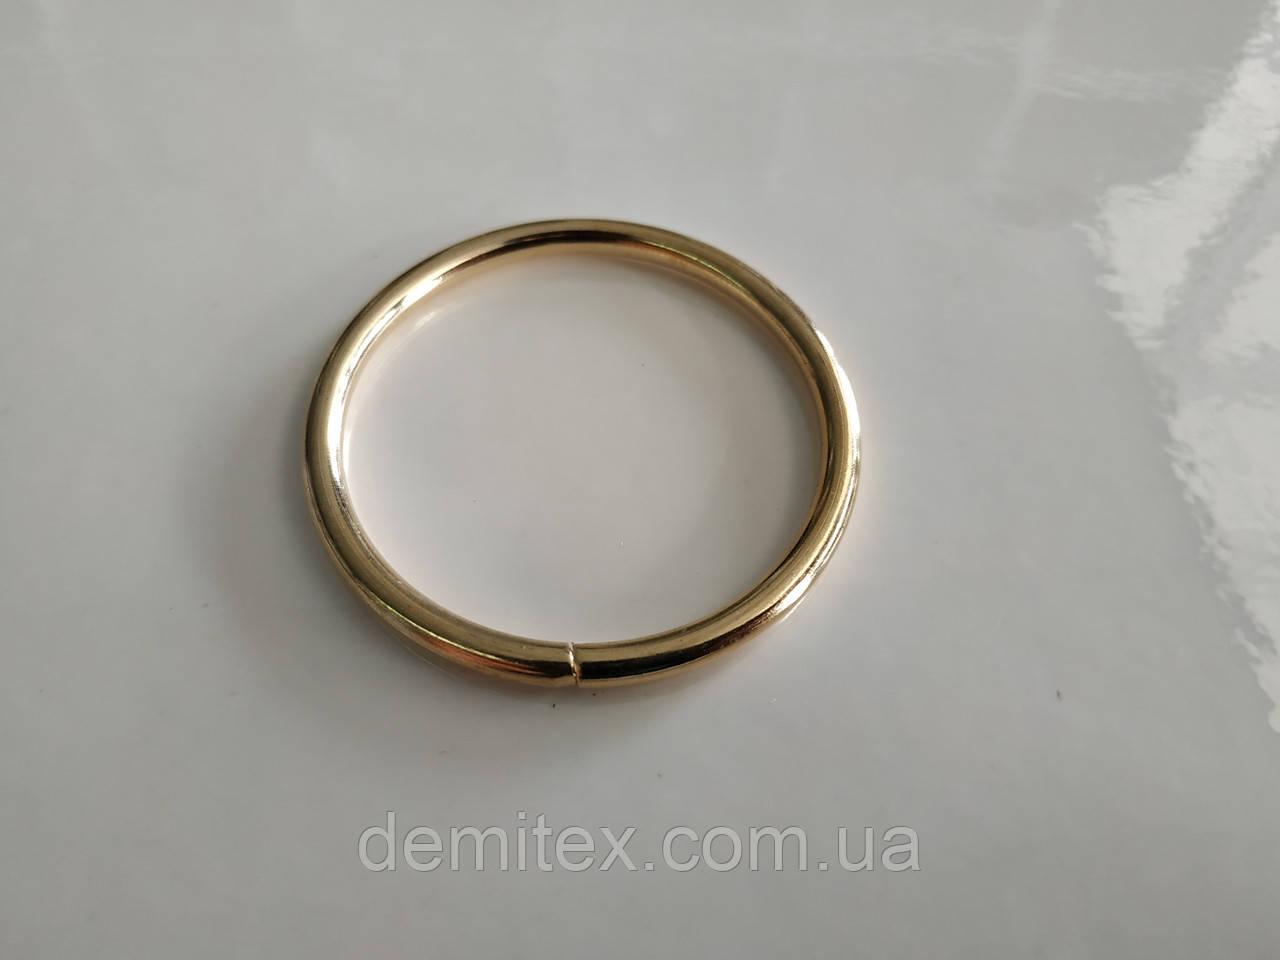 Кольцо золото 40х3.5мм